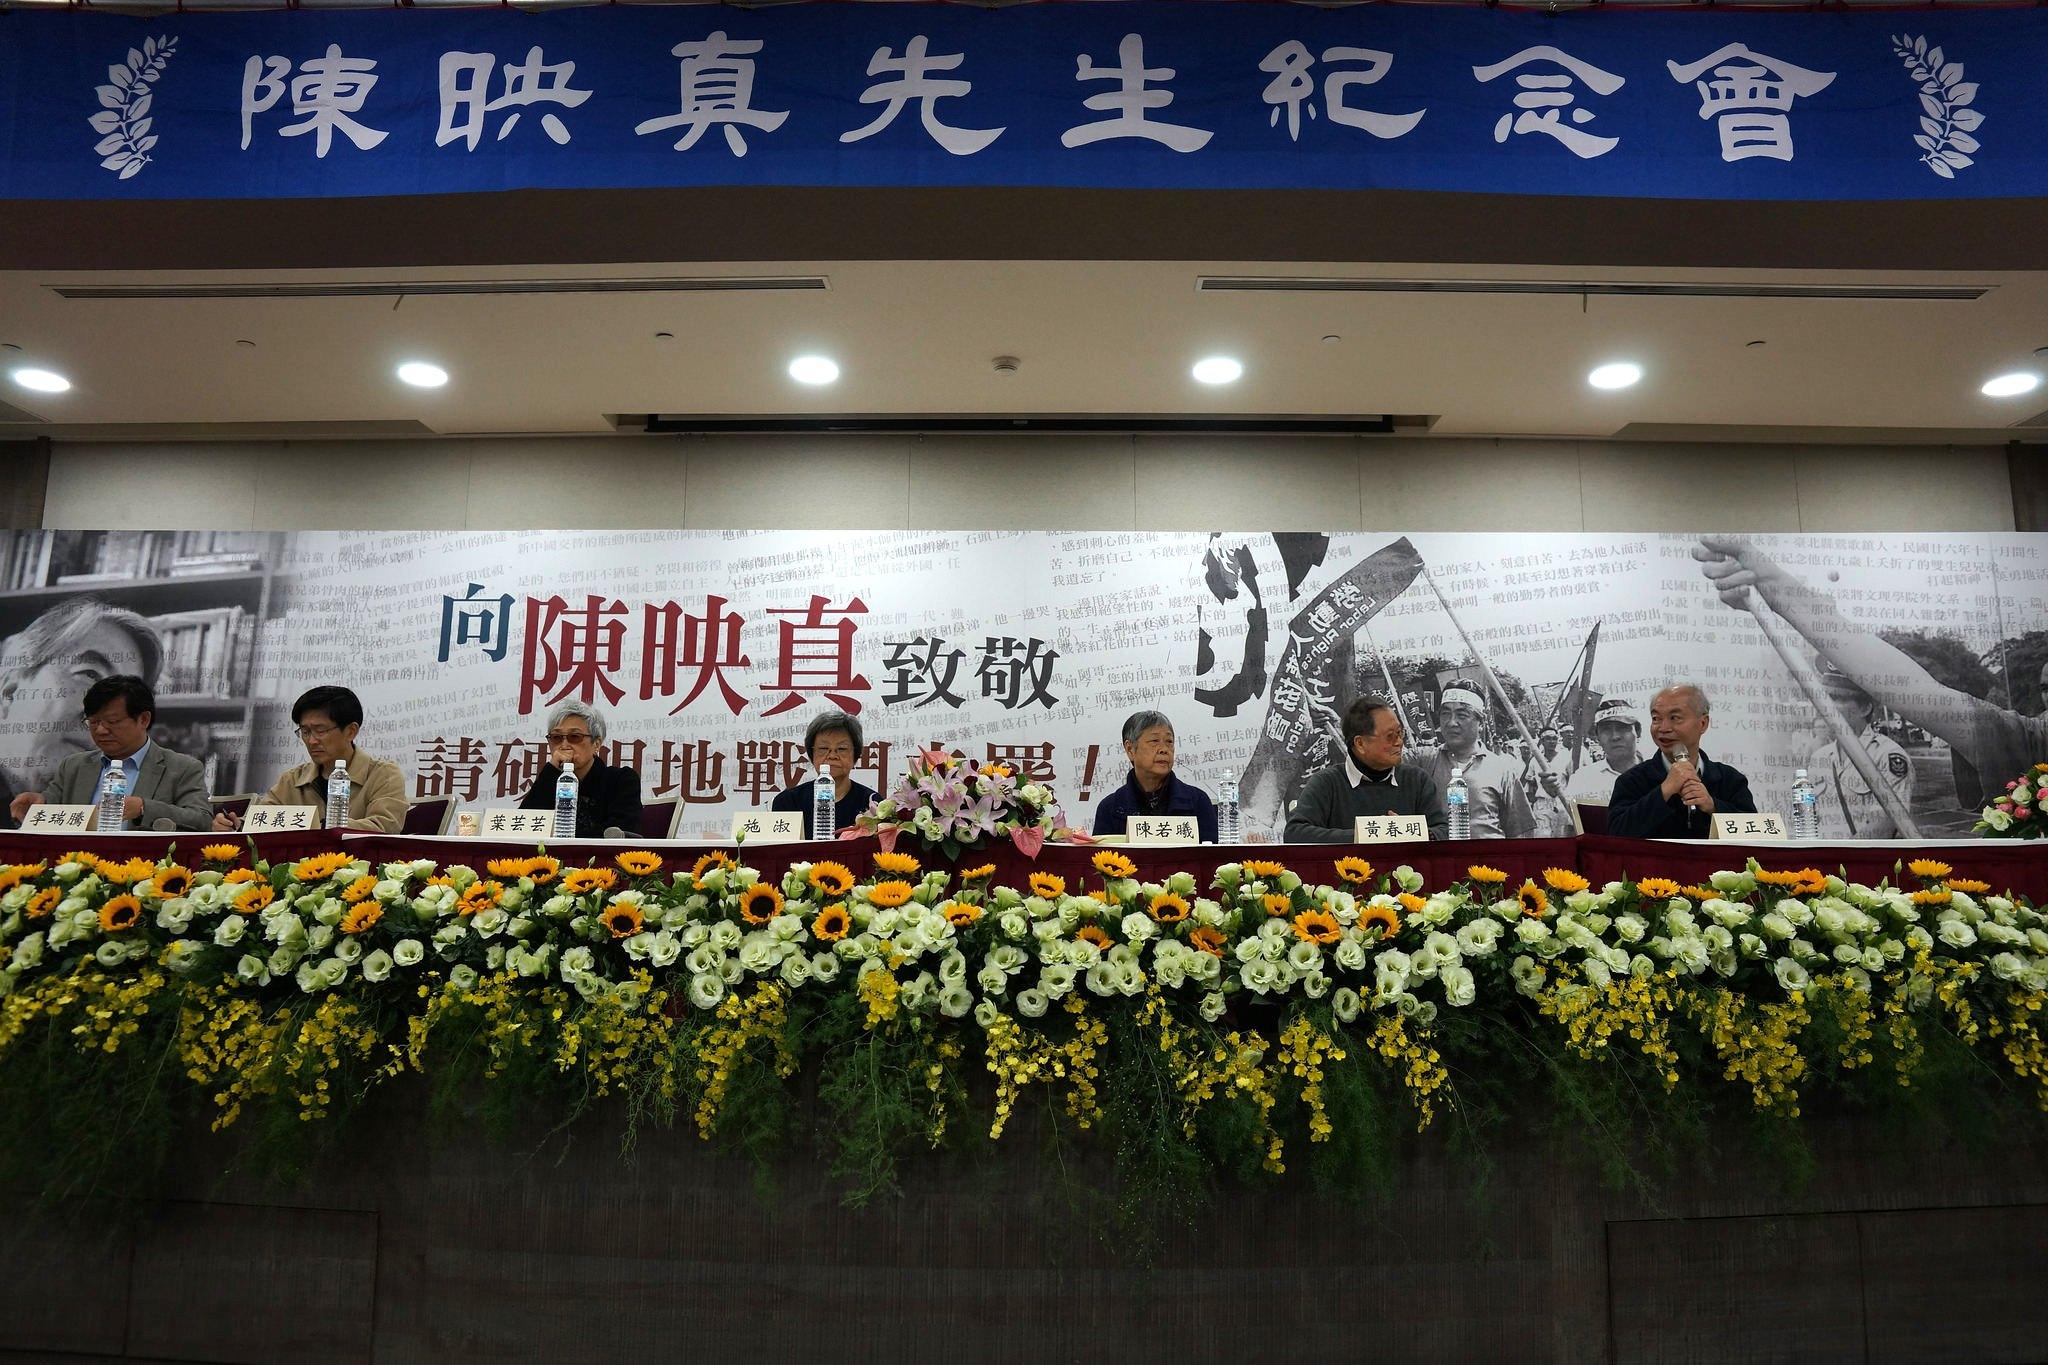 陳映真紀念會12月31日在台北舉行。(攝影:王顥中)